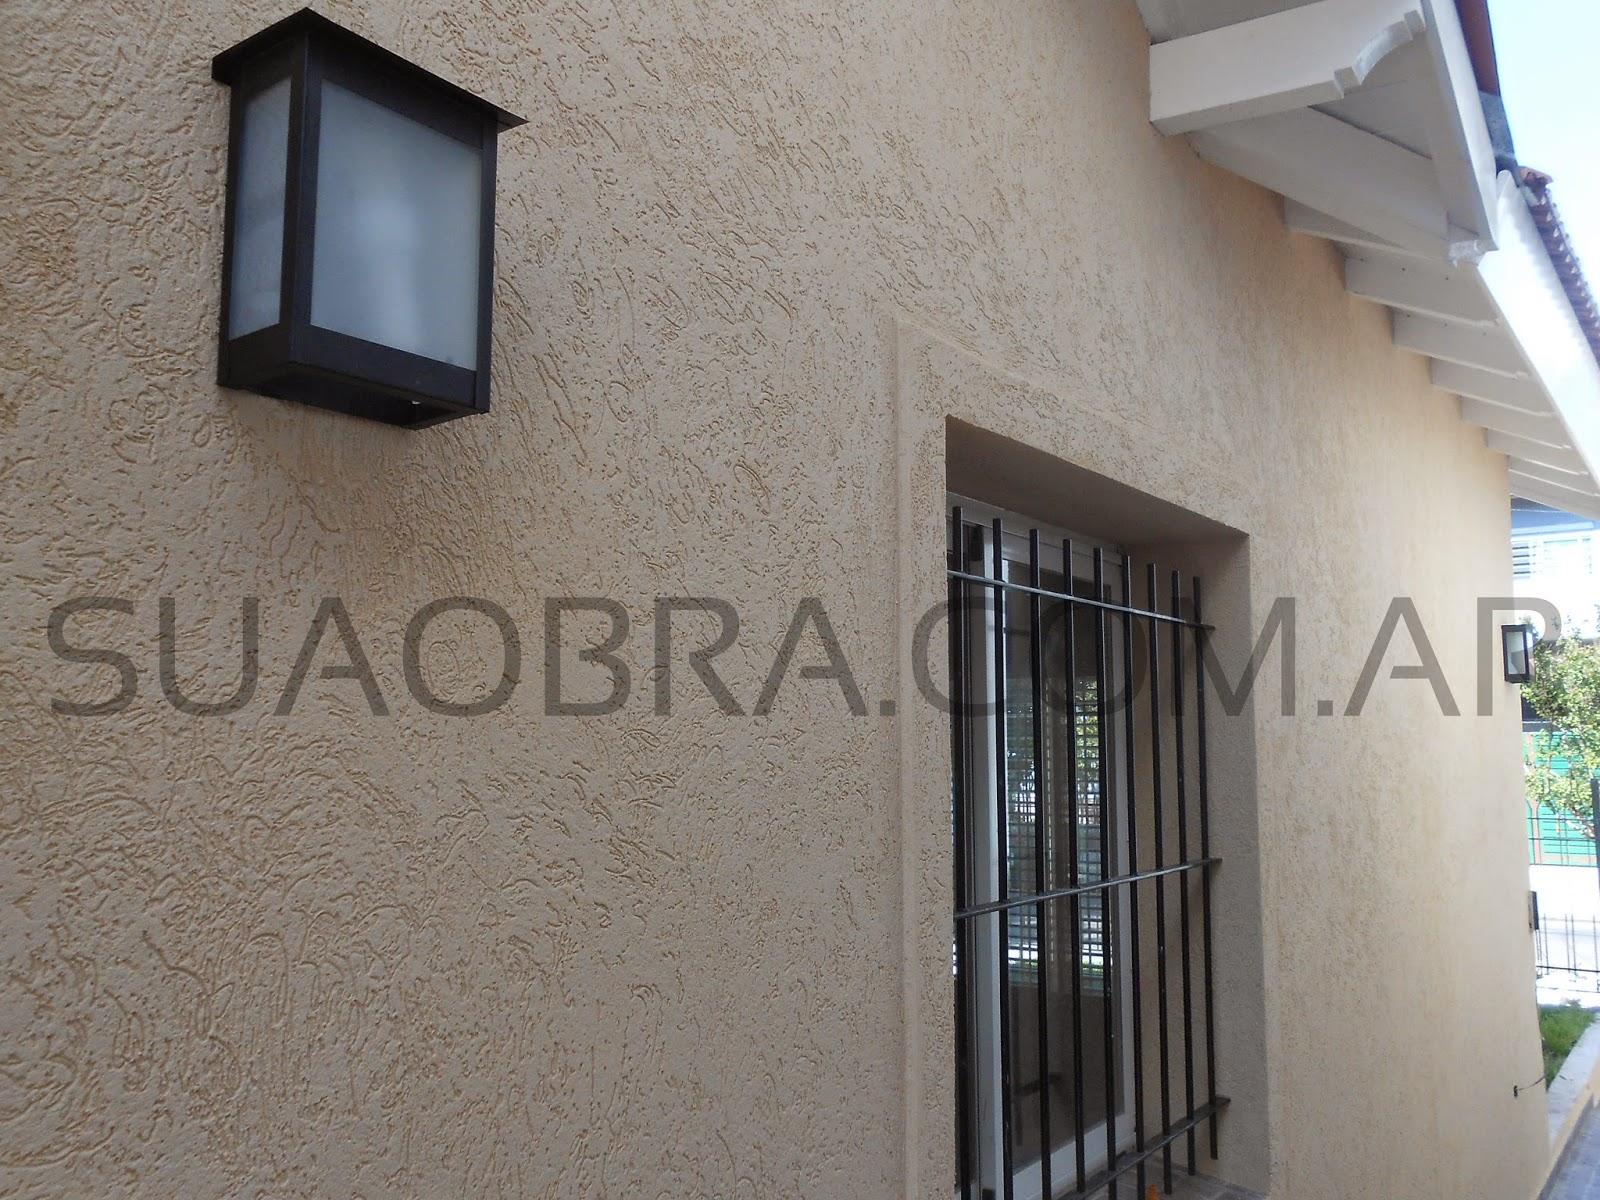 Colocacion profesional tarquini suaobra com ar for Revestimiento pared exterior